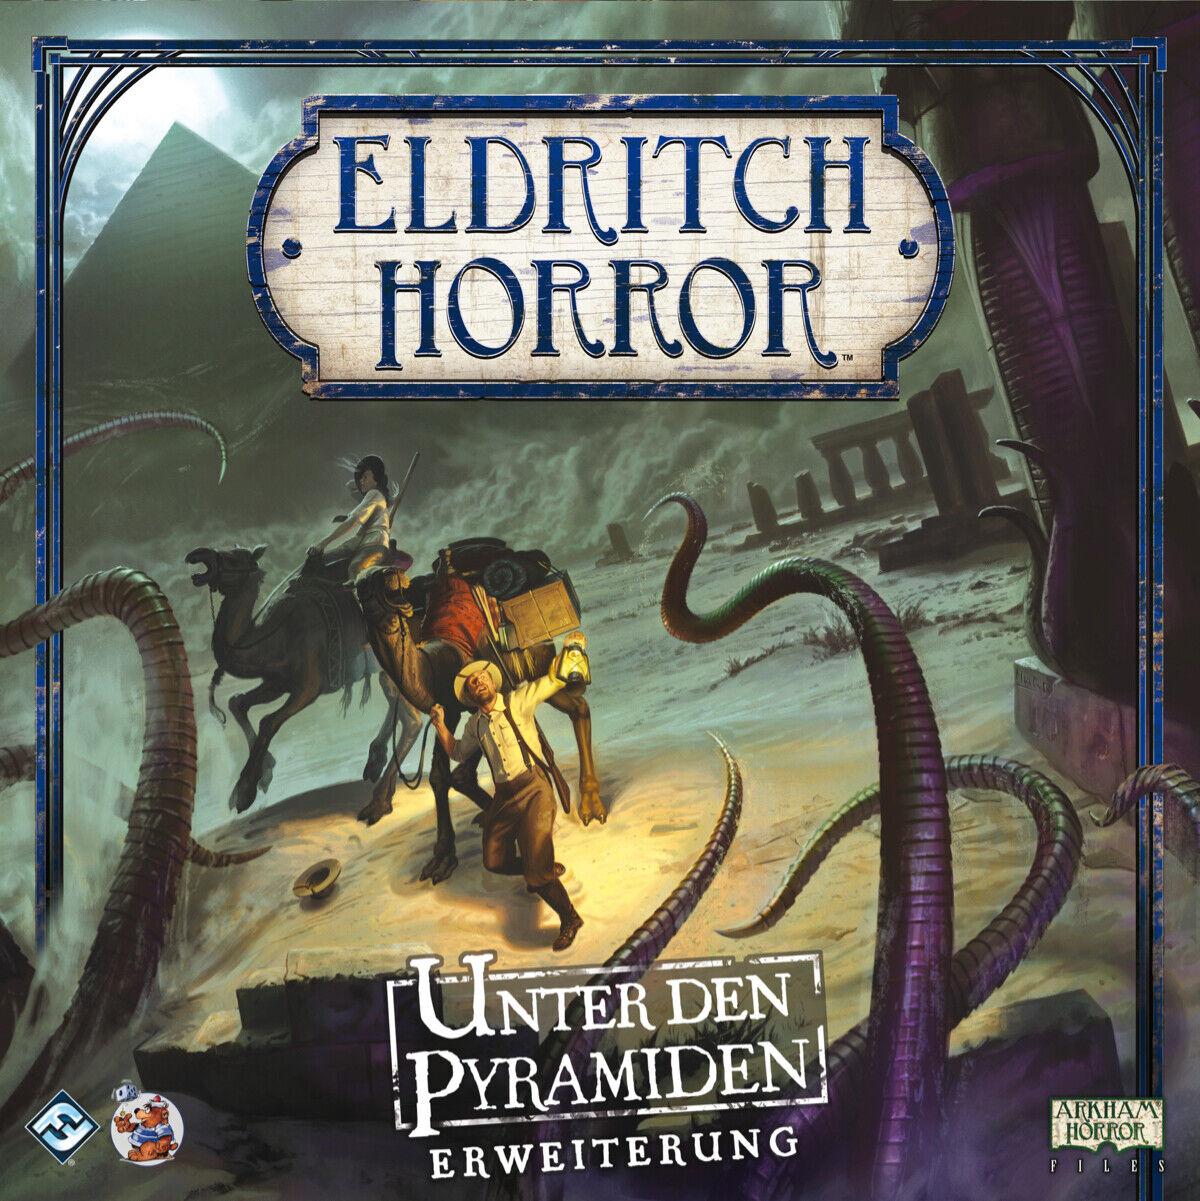 Eldritch Horror Unter den Pyramiden Pyramiden Pyramiden Erweiterung Deutsch Neu Top 5841b3